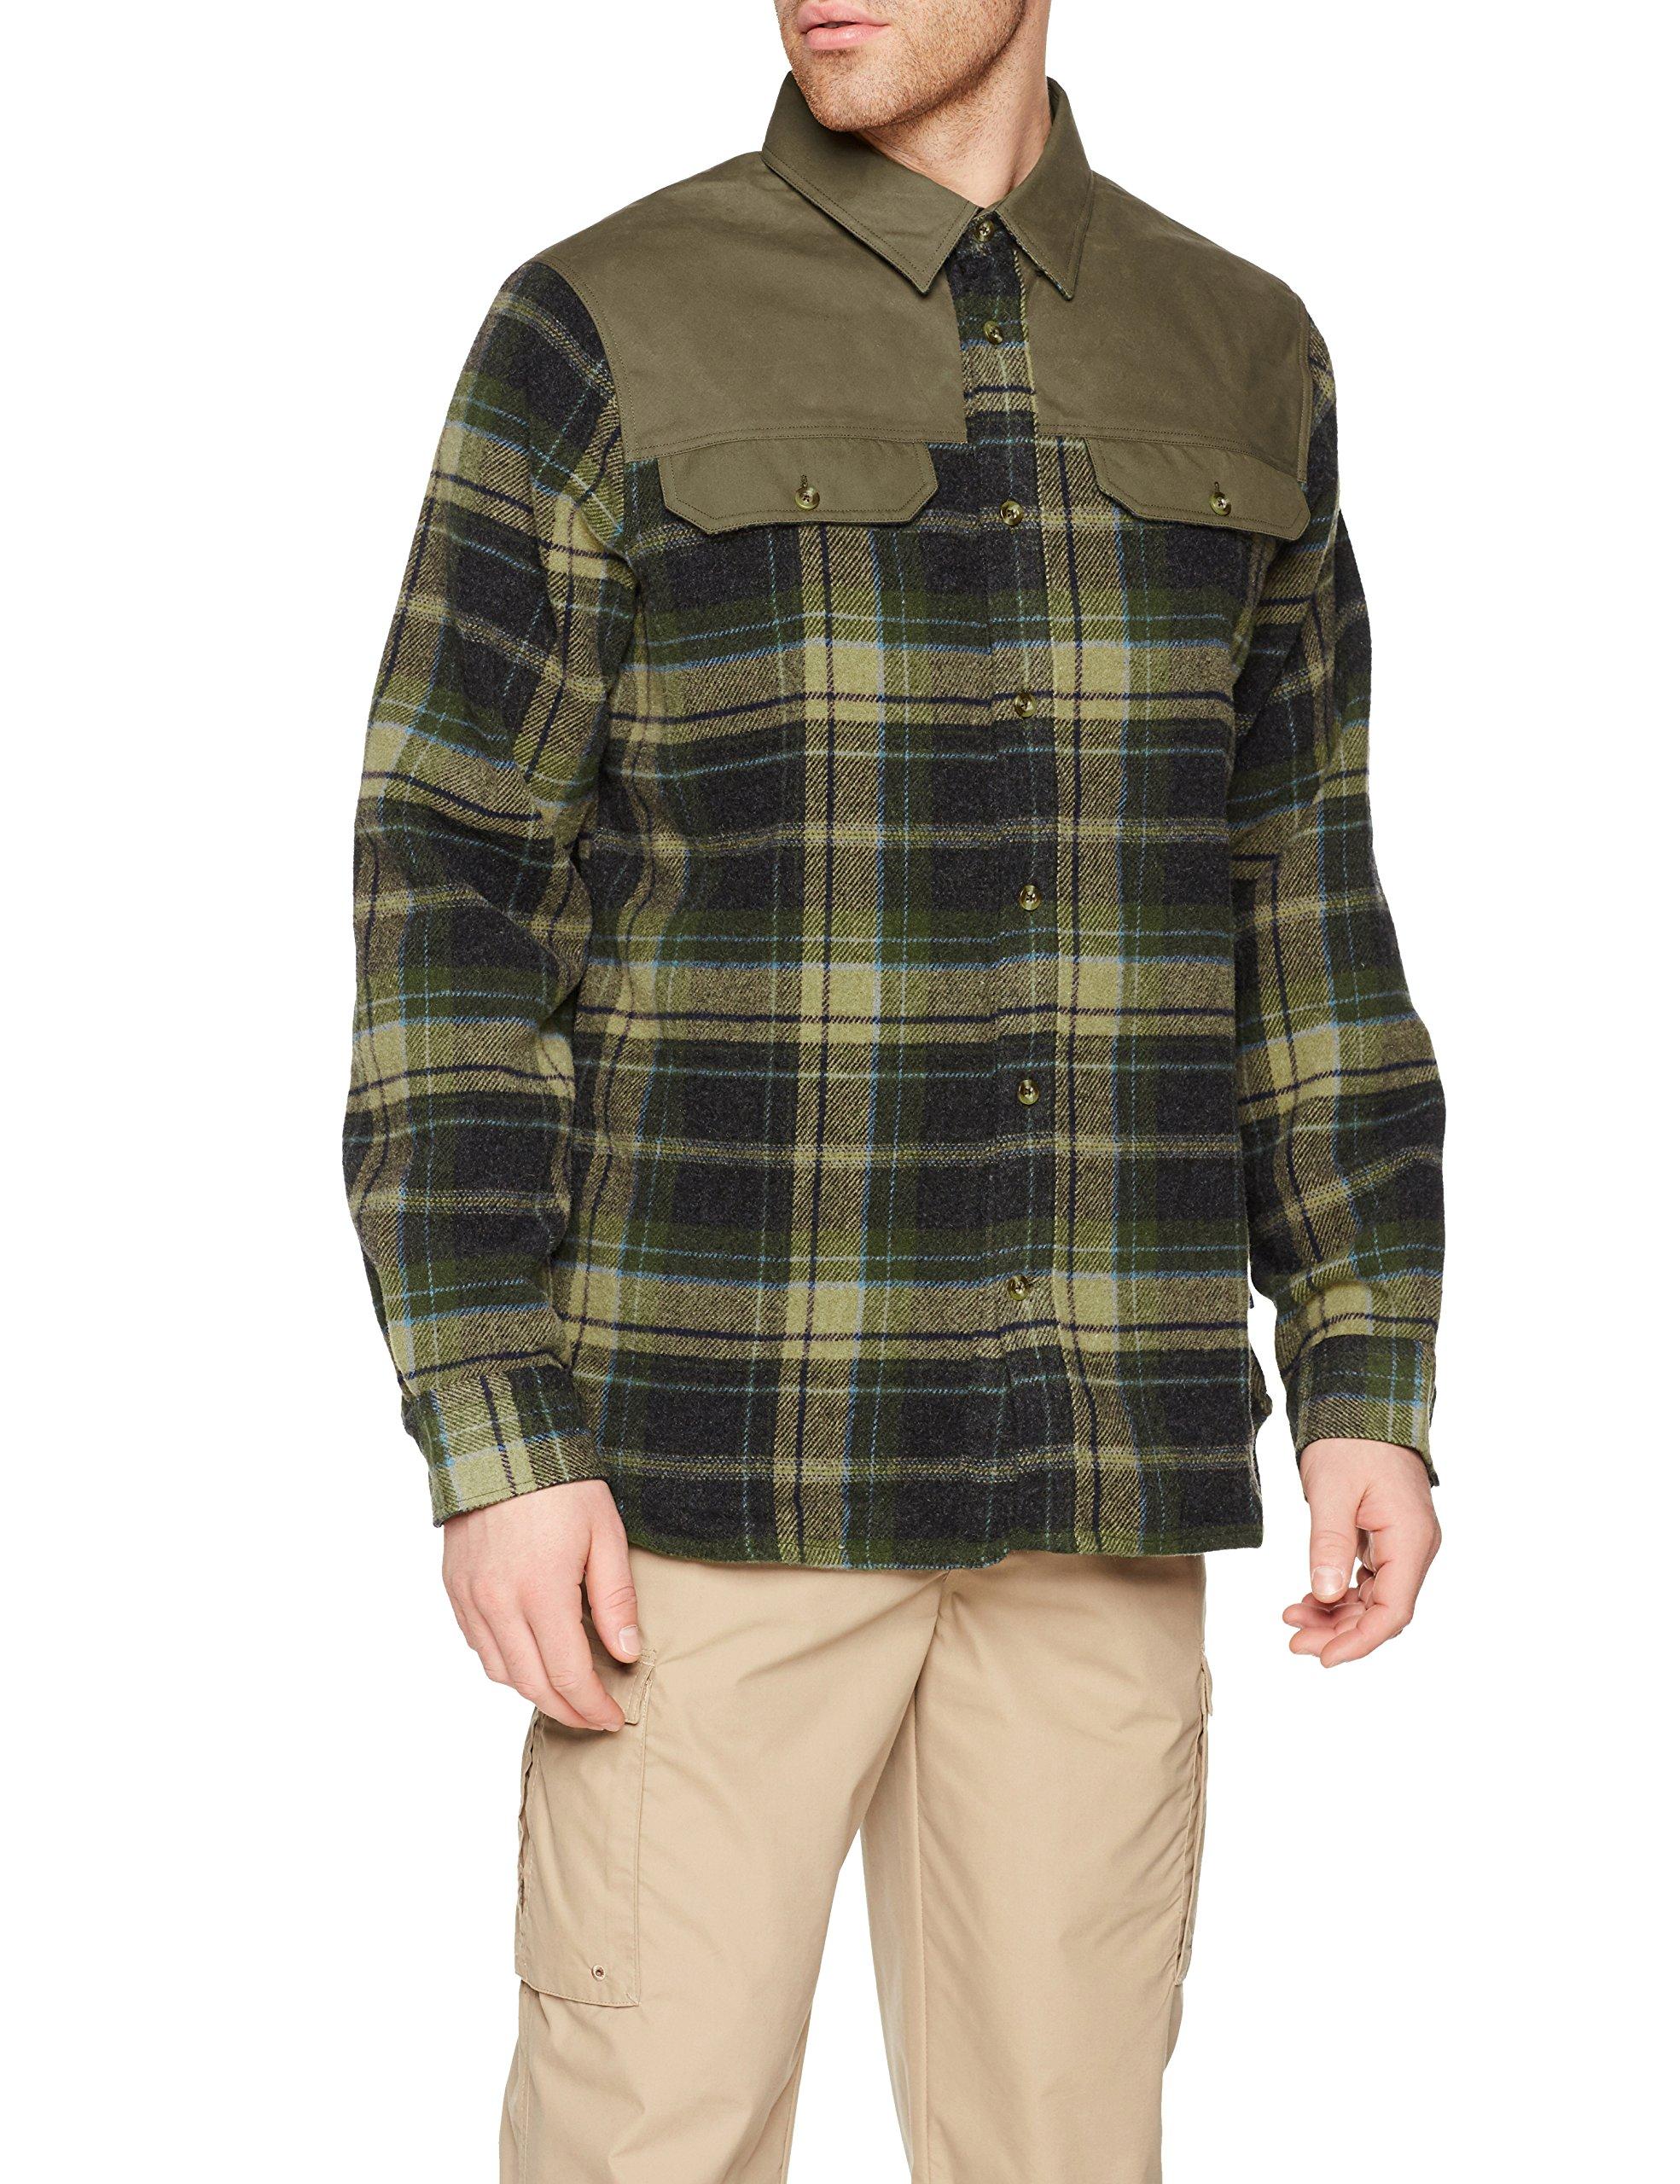 Fjallraven - Men's Granit Shirt, Tarmac, M